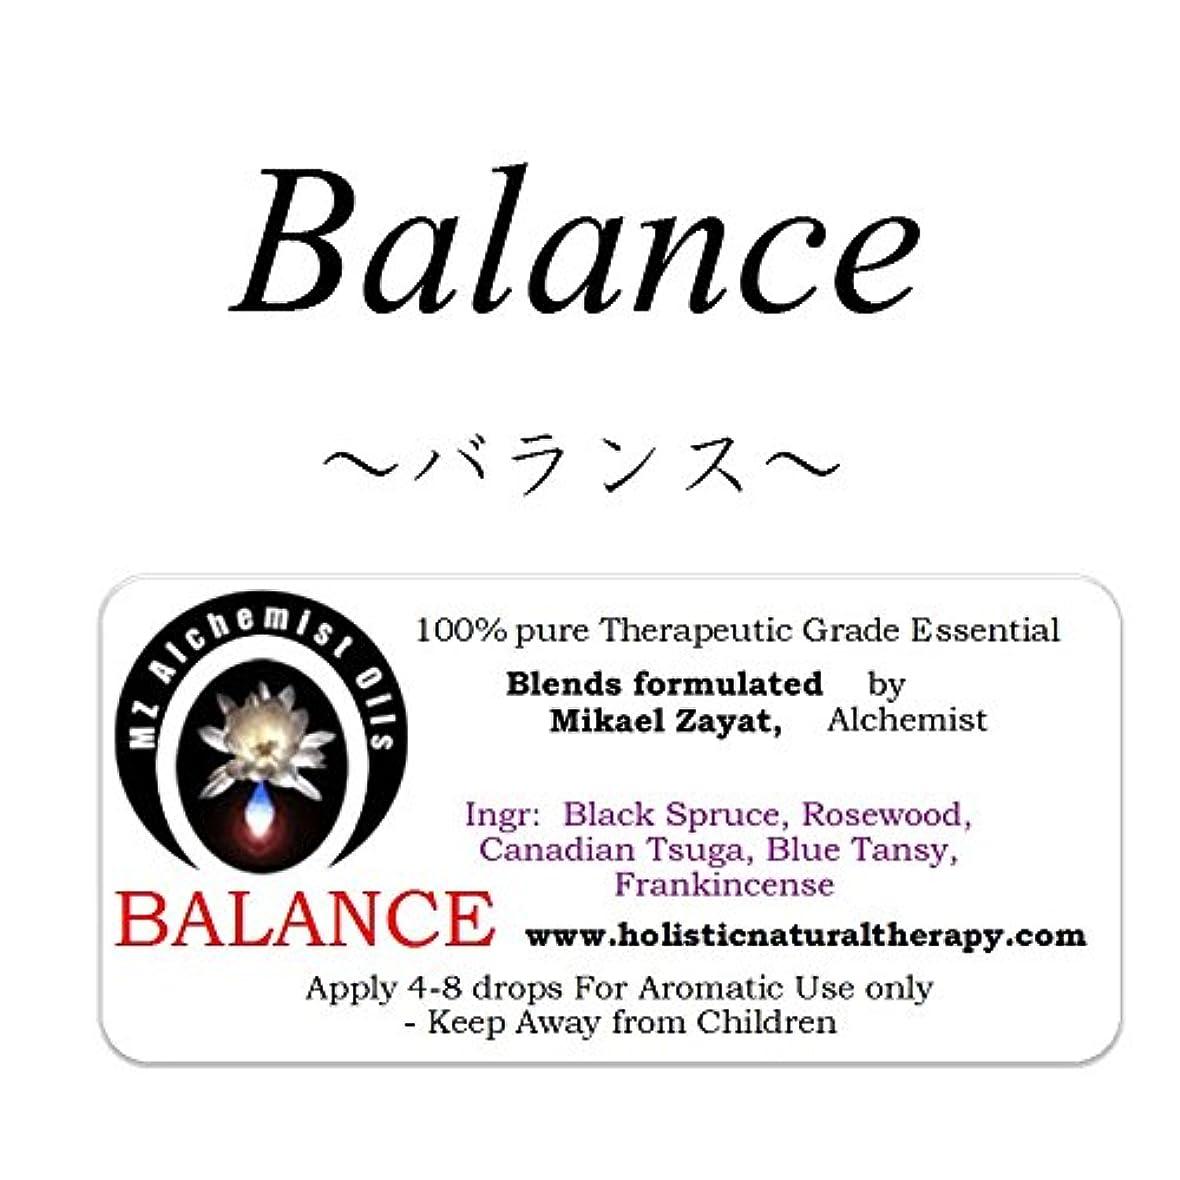 プレミアムレモンばかミカエル?ザヤットアルケミストオイル セラピストグレードアロマオイル Balance-バランス- 4ml